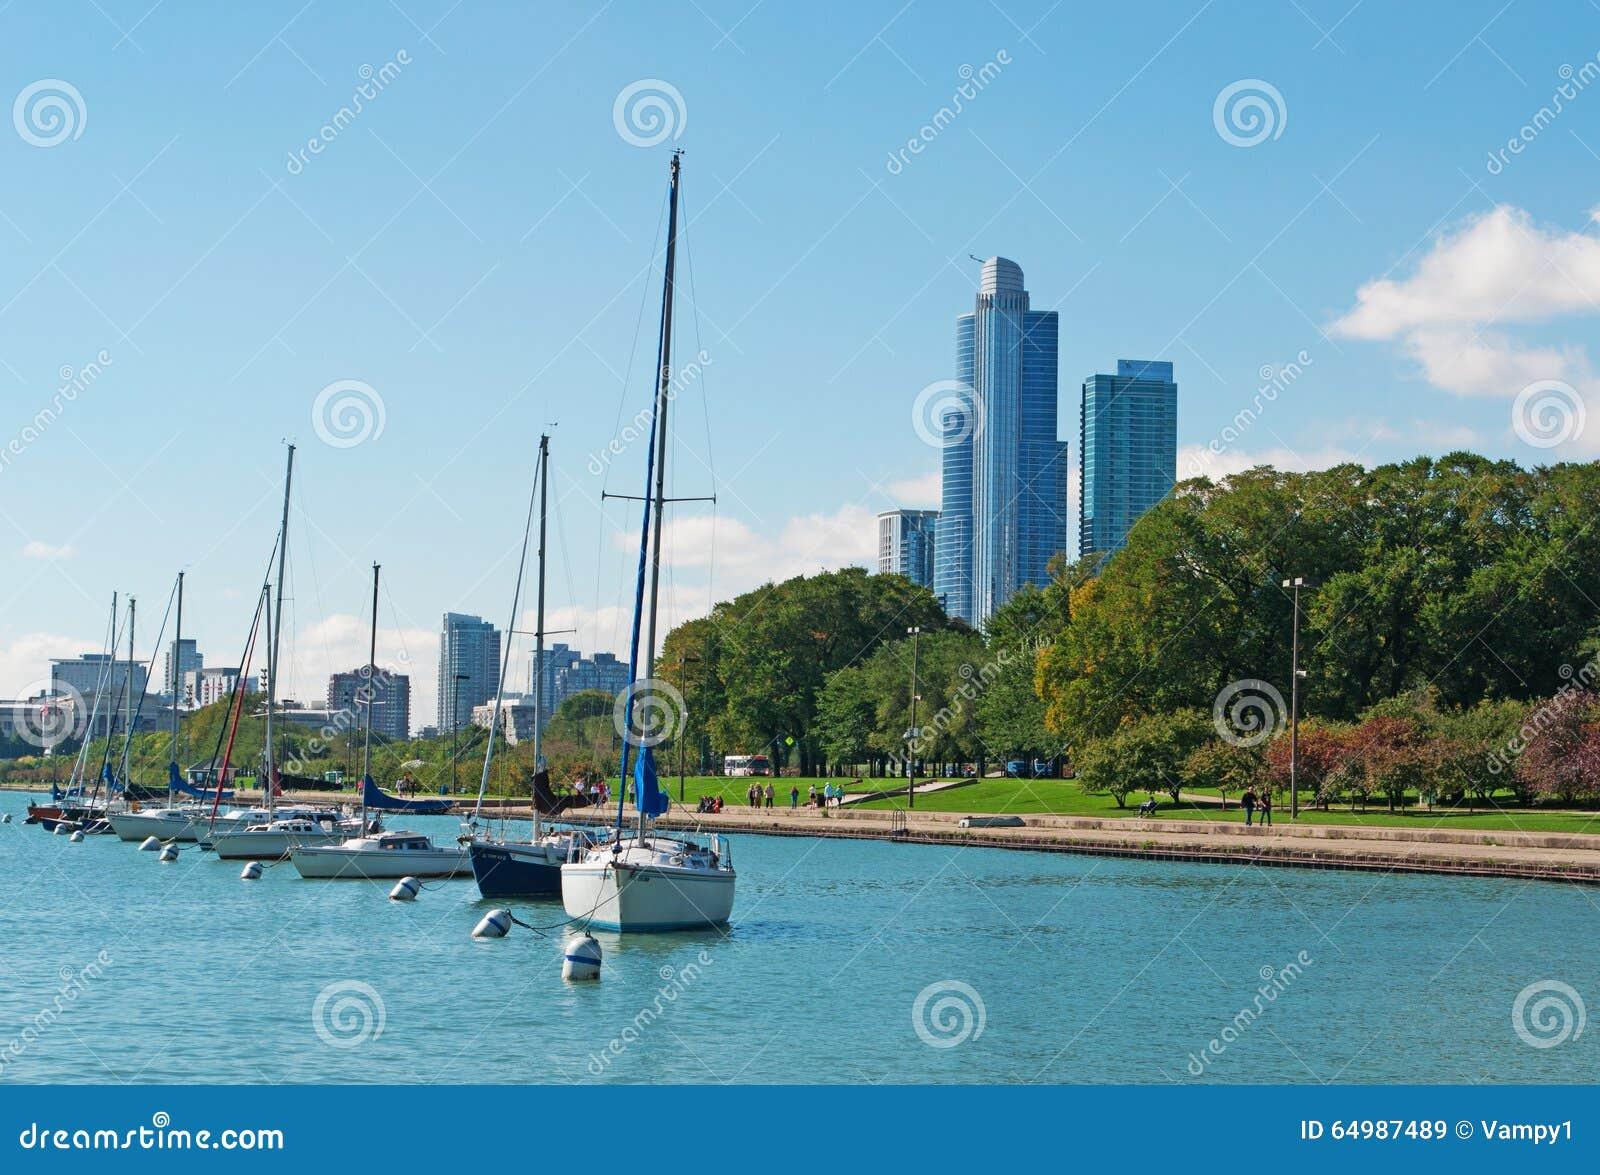 Horizonte De Chicago Con Los Veleros Y Las Lancha De Carreras En El ...